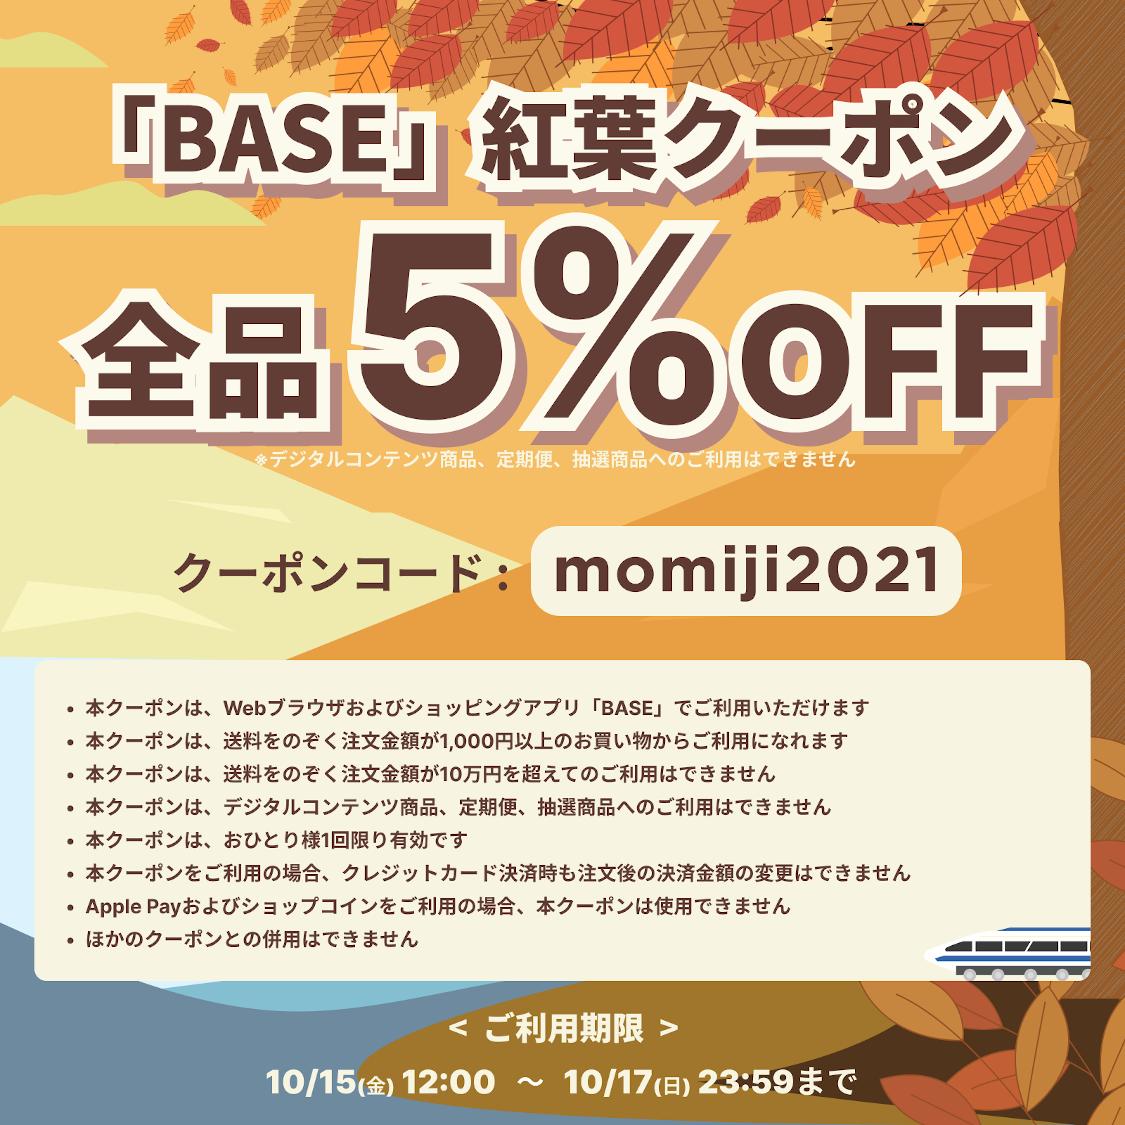 【10/15~10/17 期間限定】 紅葉クーポンキャンペーン!  お得な5%OFFクーポン